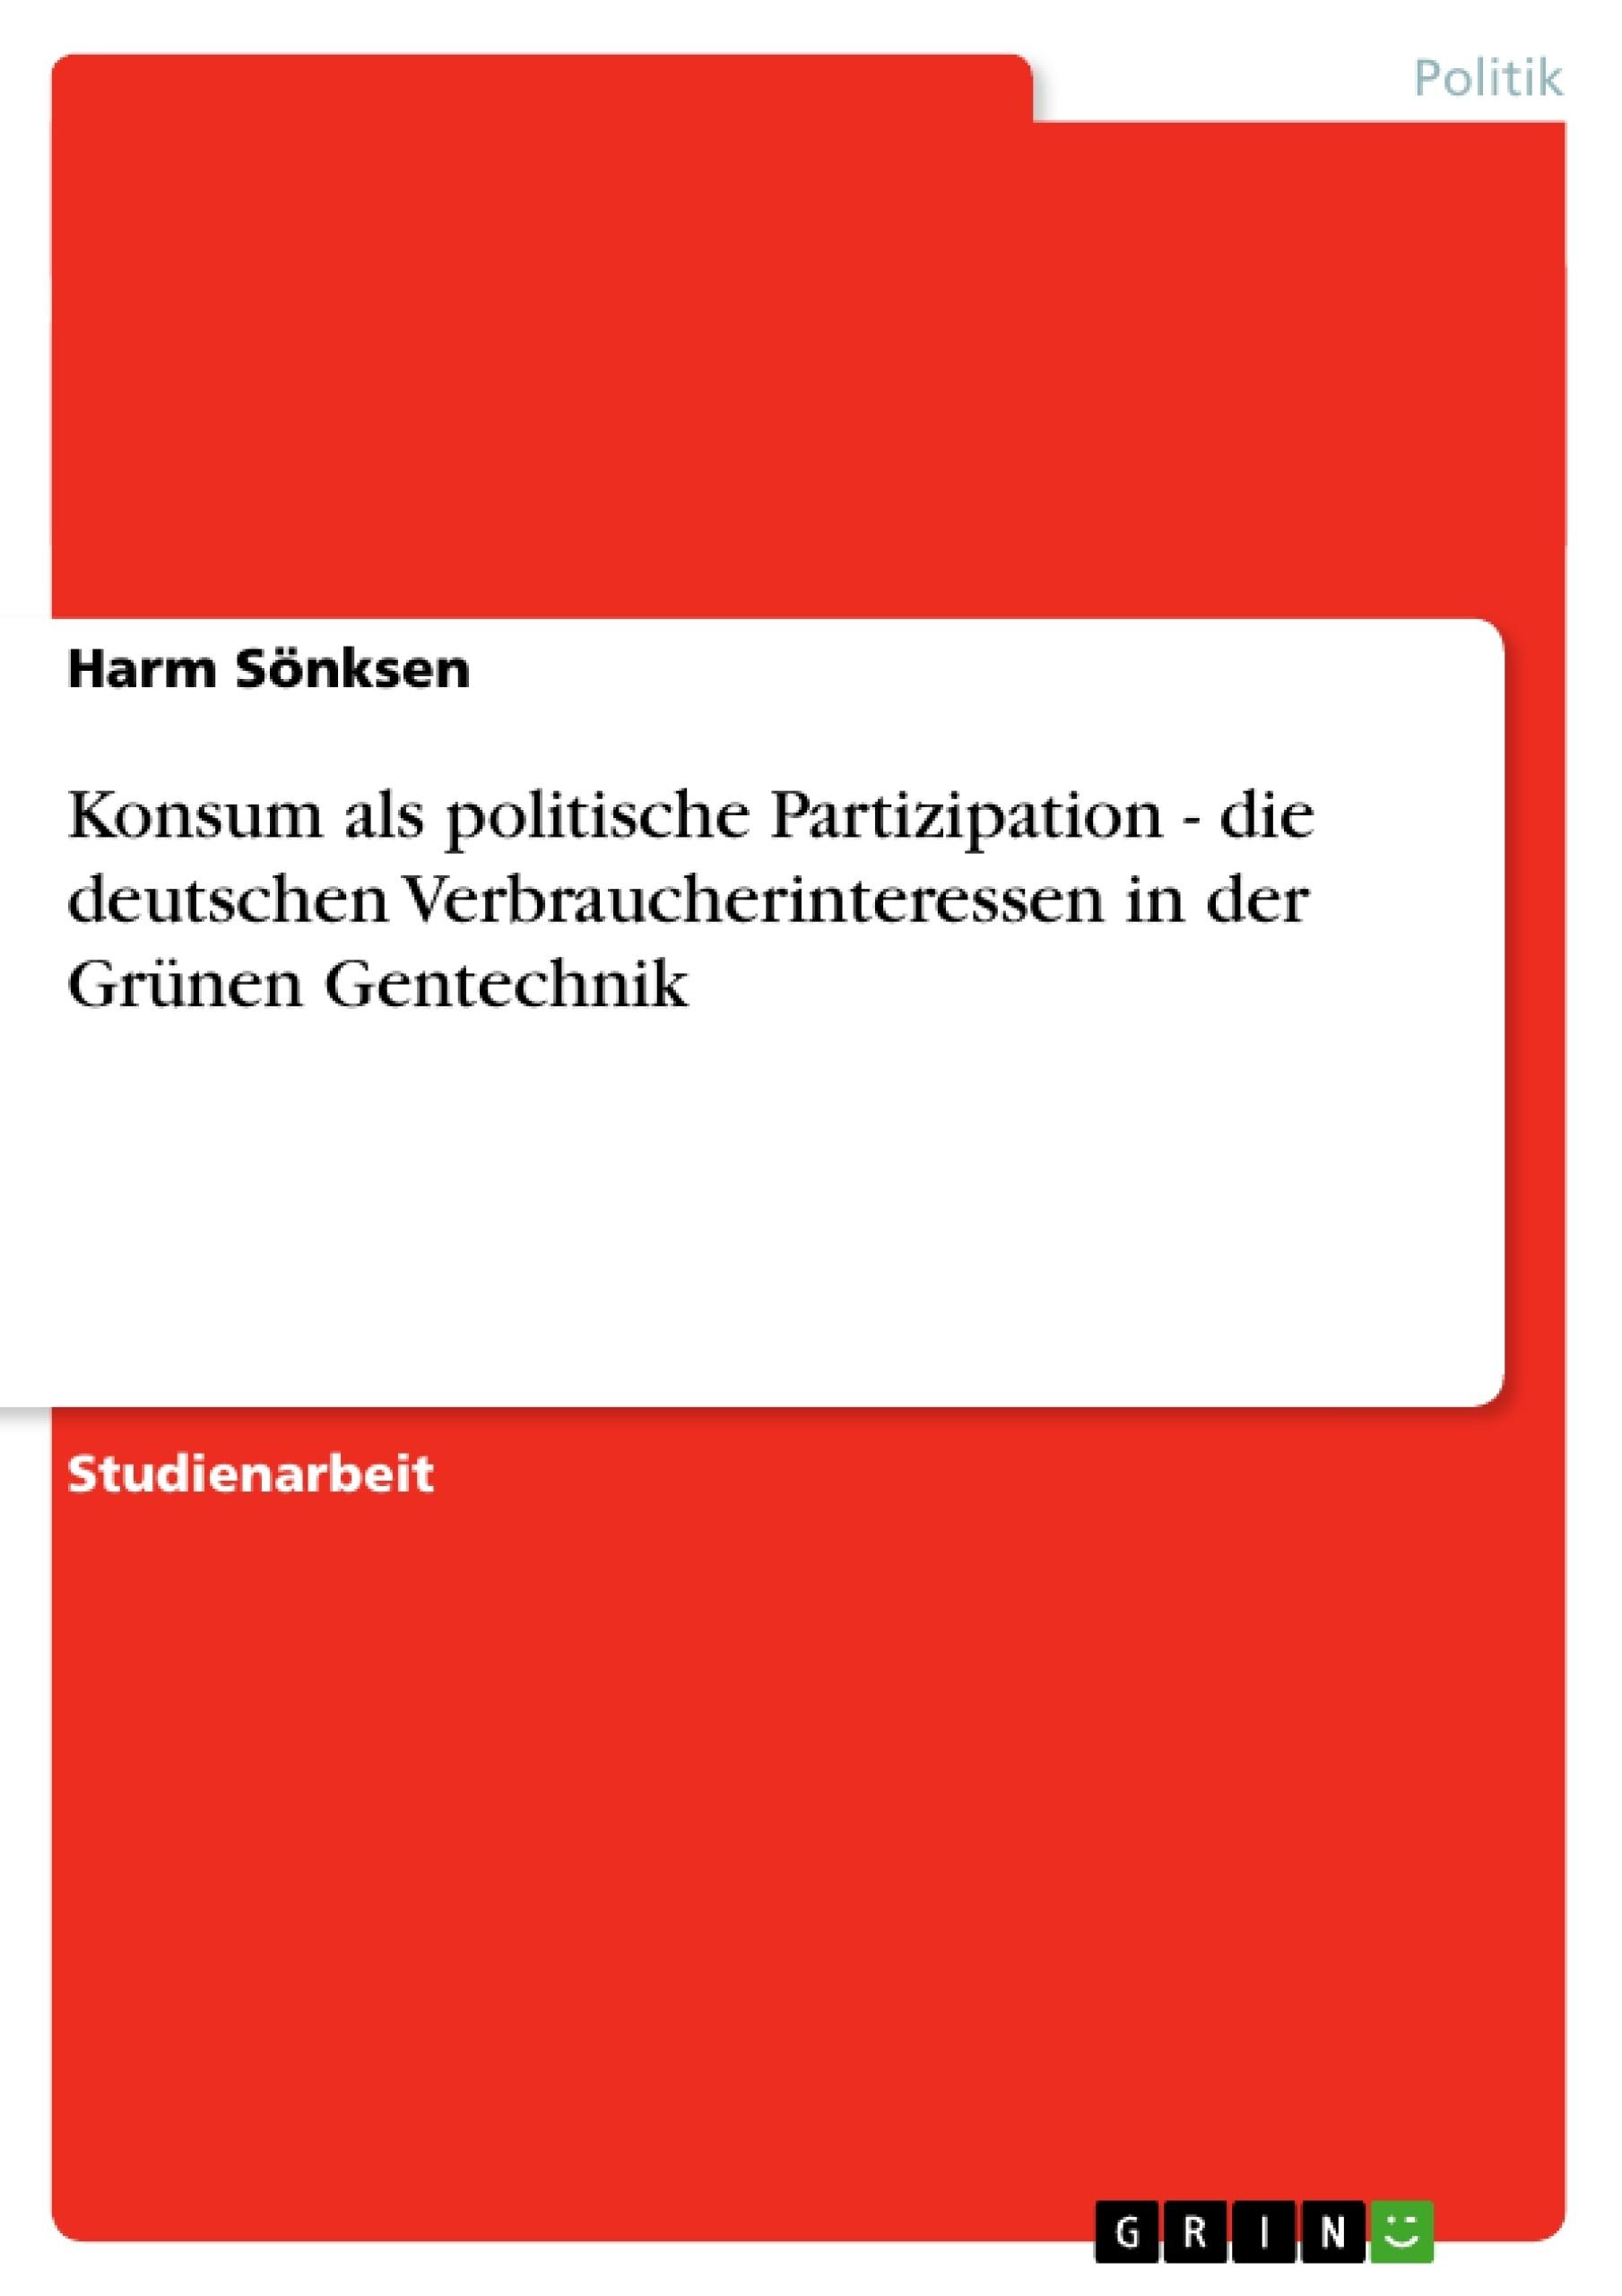 Titel: Konsum als politische Partizipation - die deutschen Verbraucherinteressen in der Grünen Gentechnik